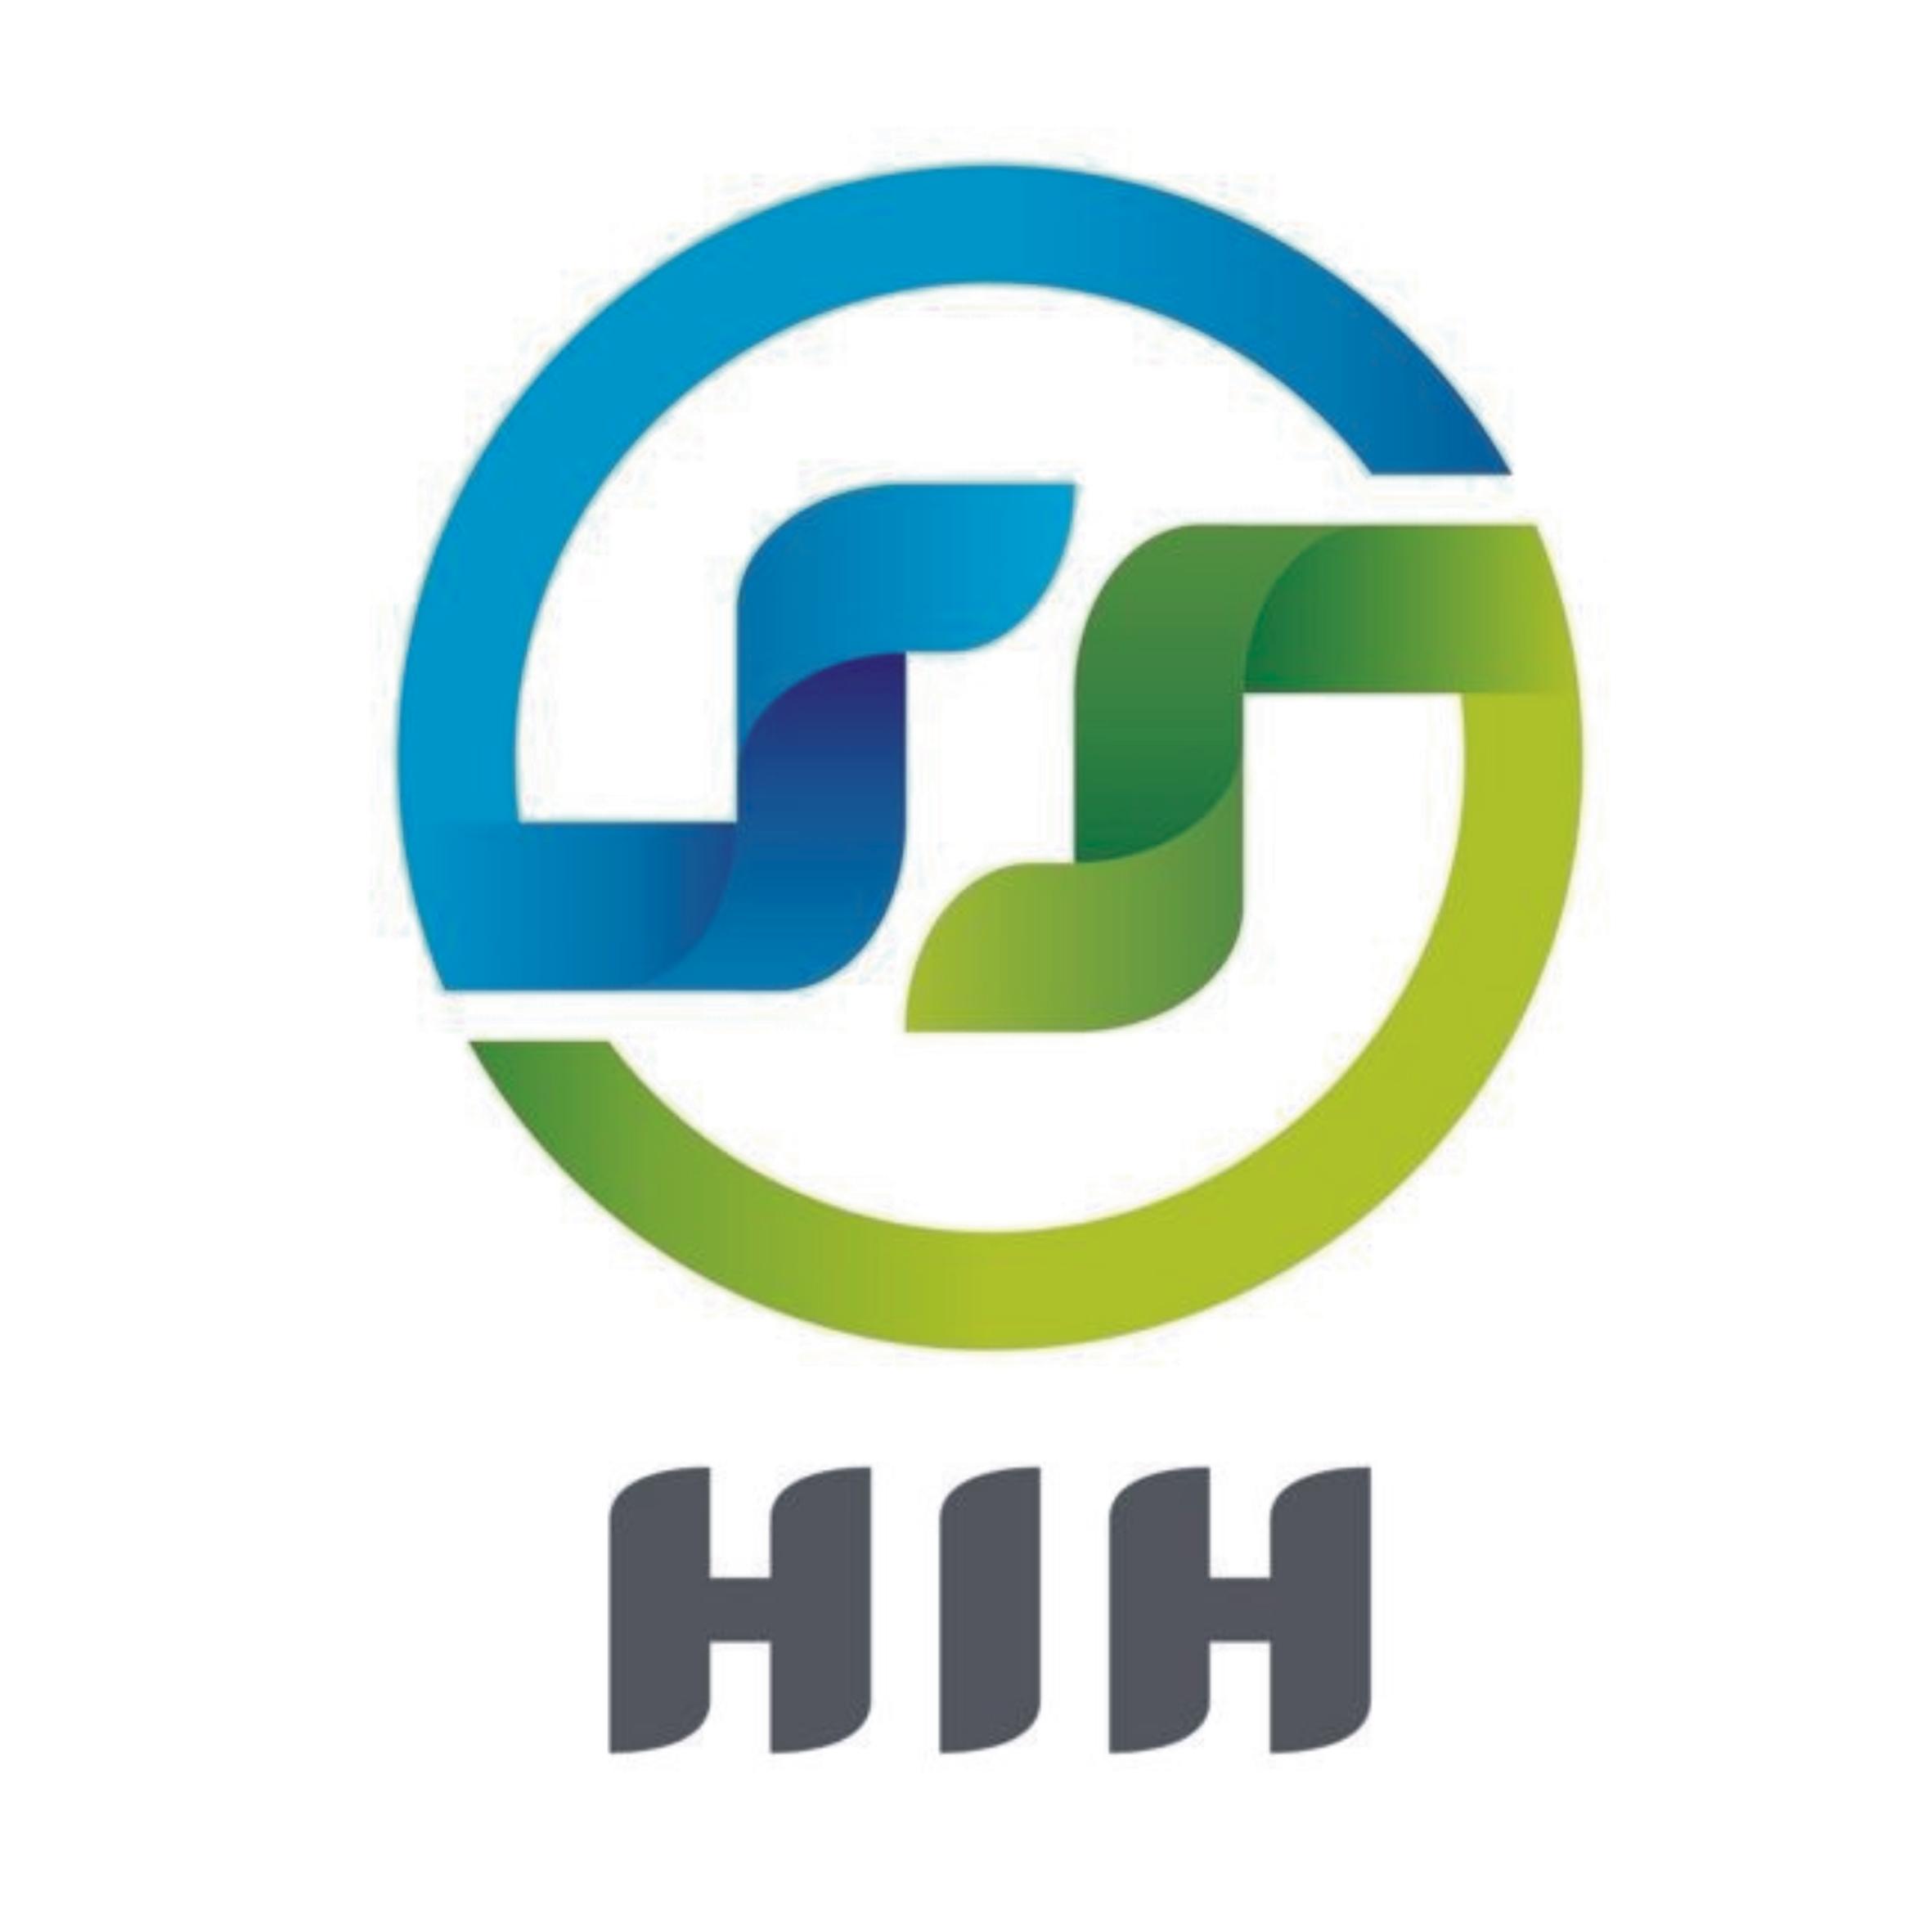 李先生logo图片